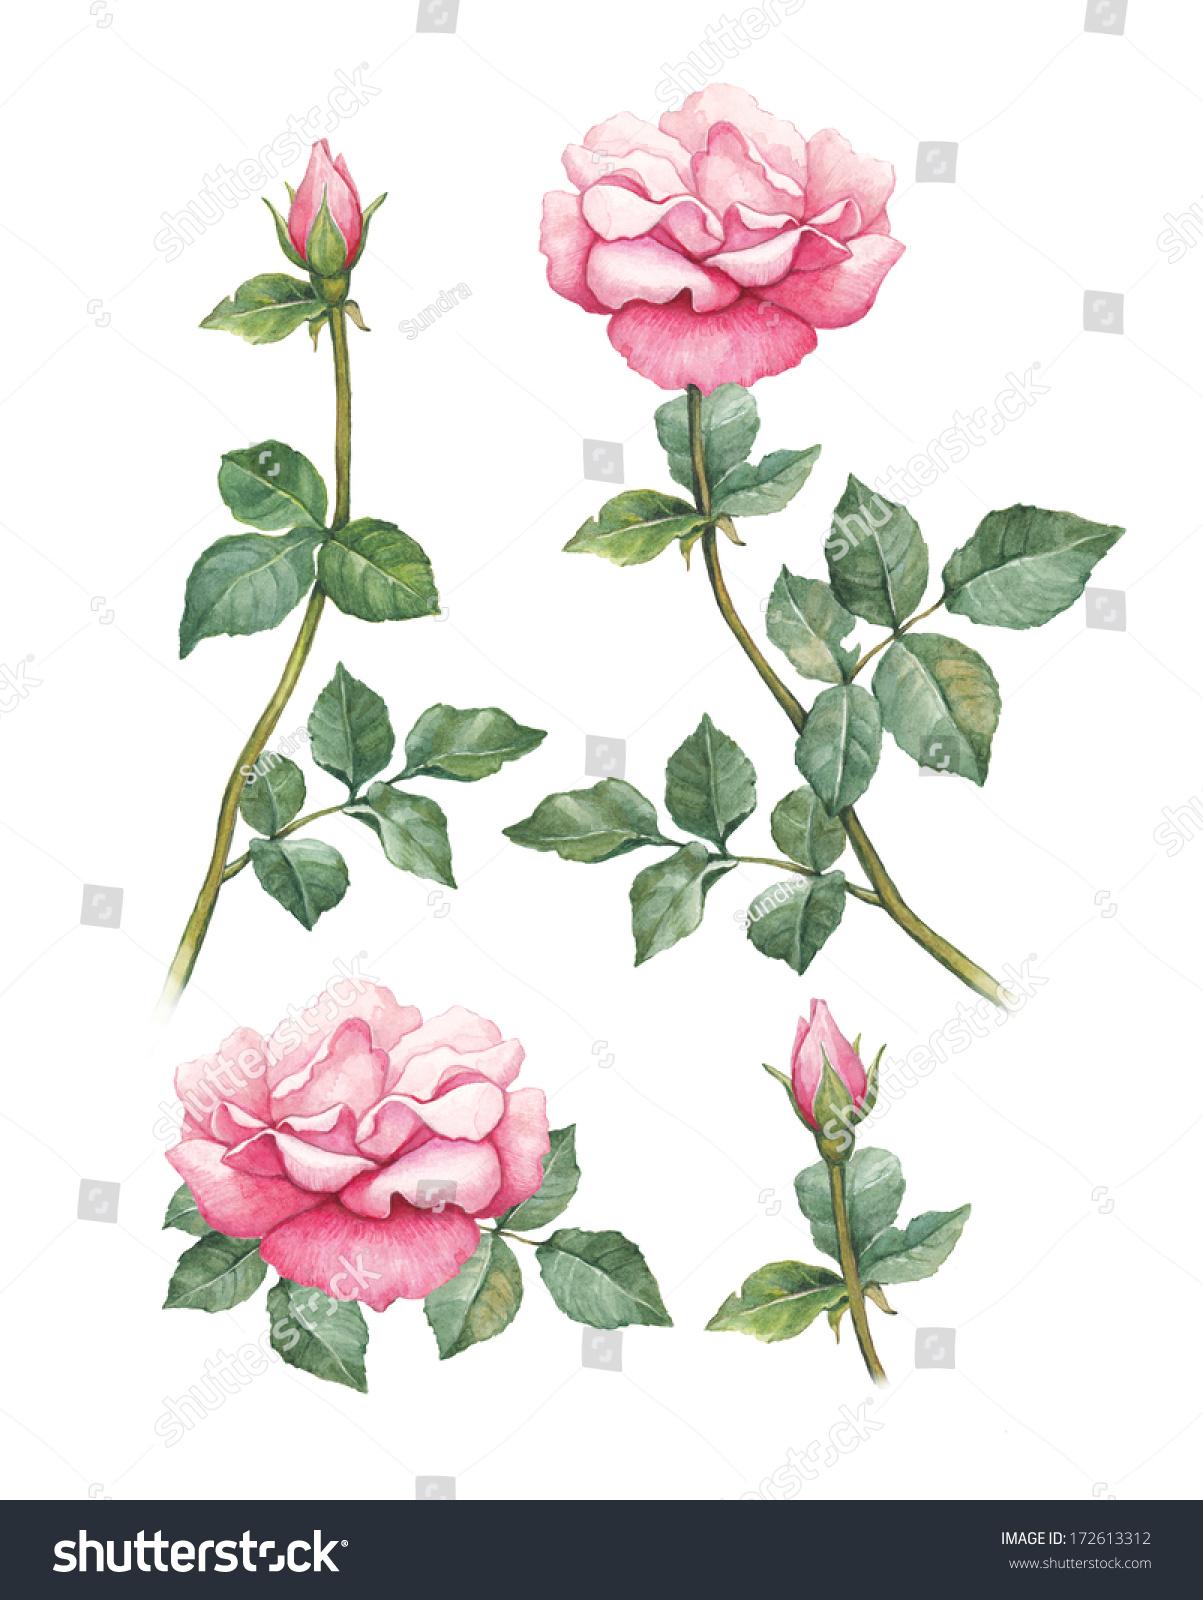 水彩插画的玫瑰花朵